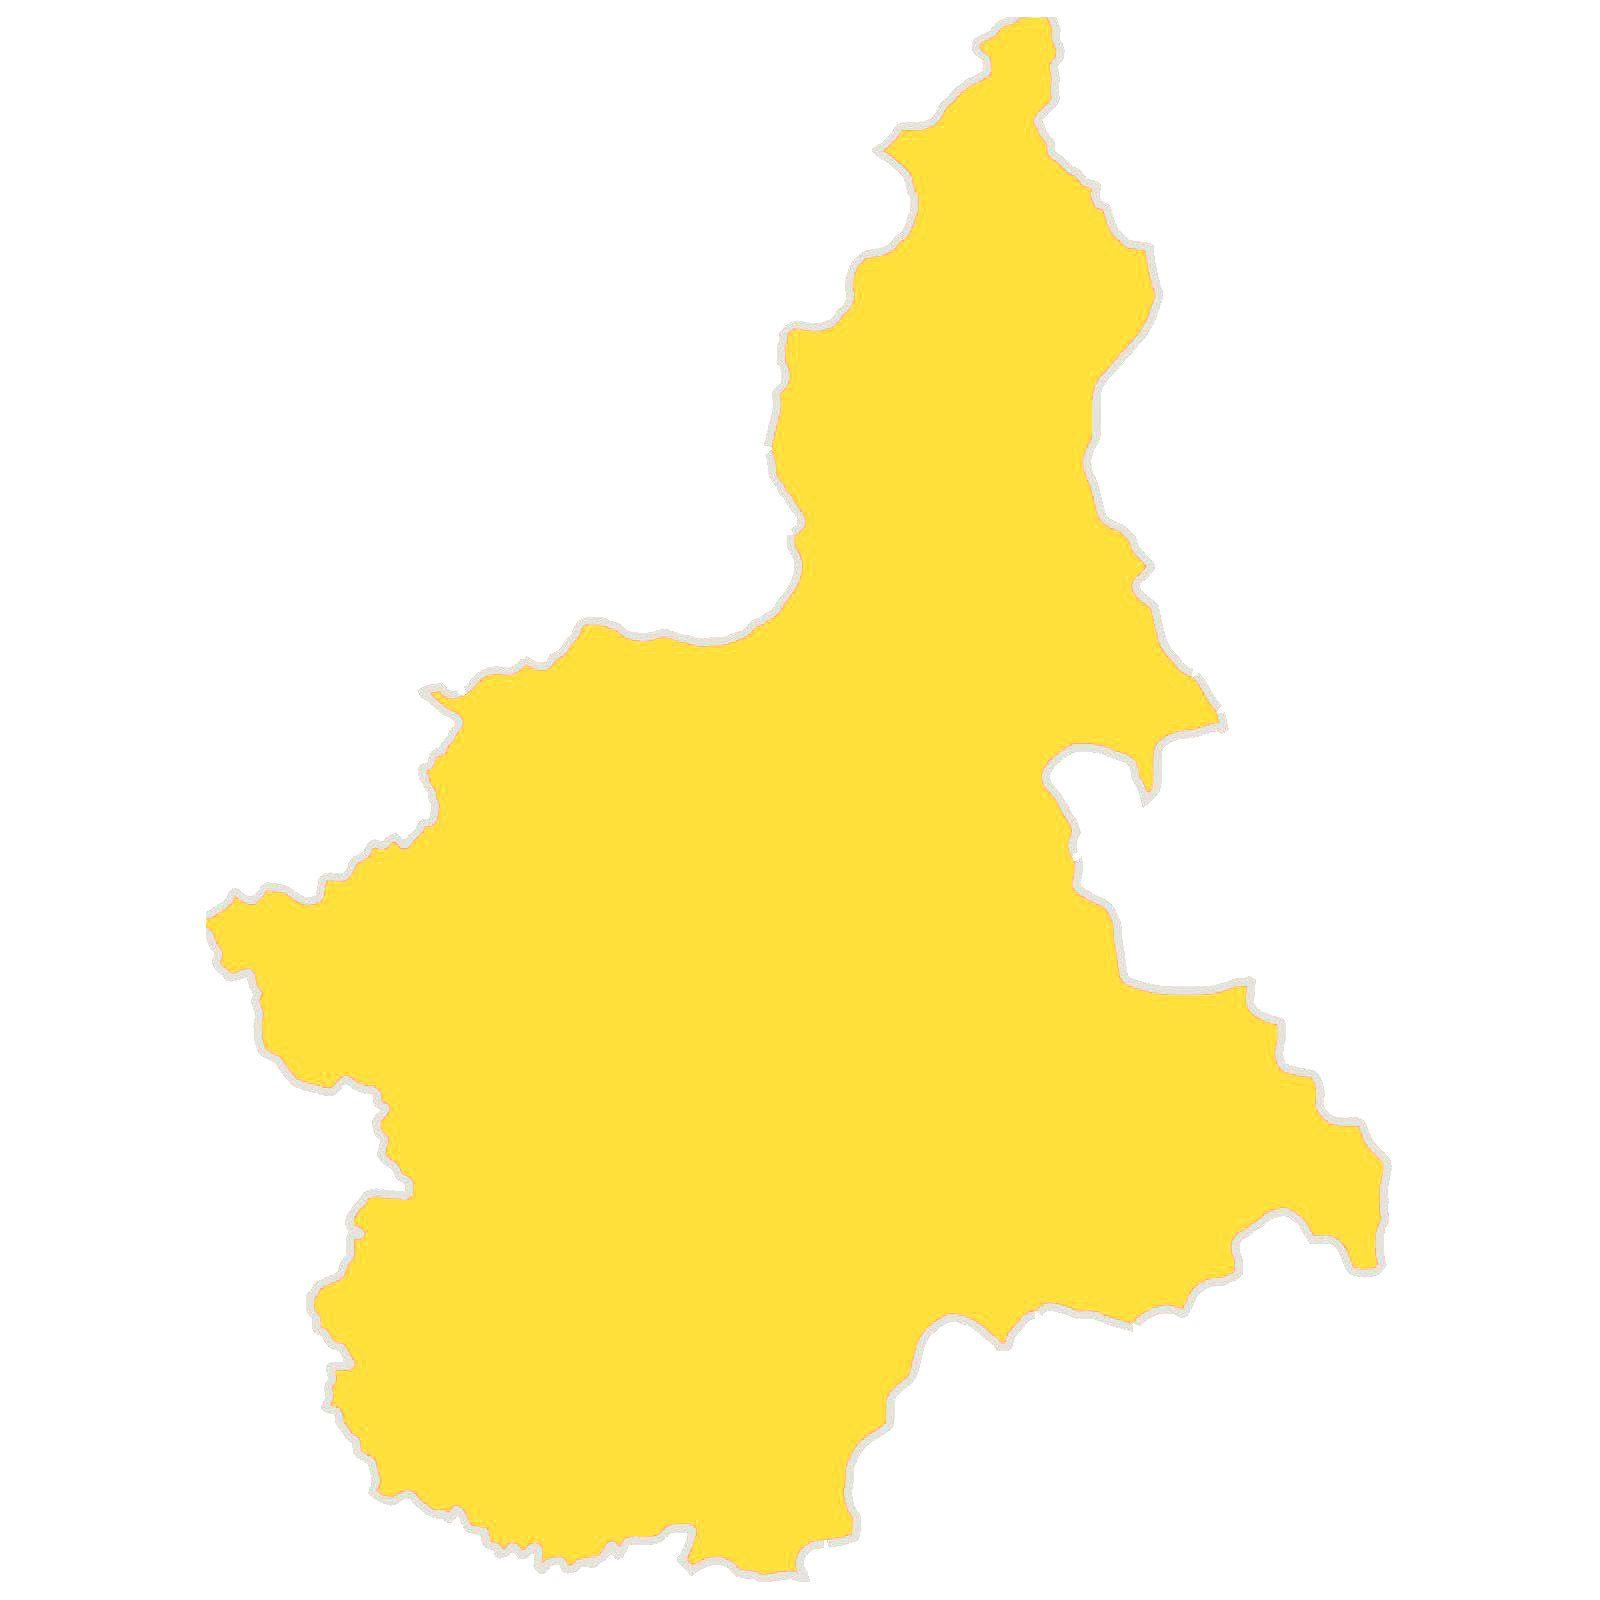 COVID - Dal 26 aprile torna la zona gialla: pronti a riaprire ristoranti, piscine e palestre - VIDEO